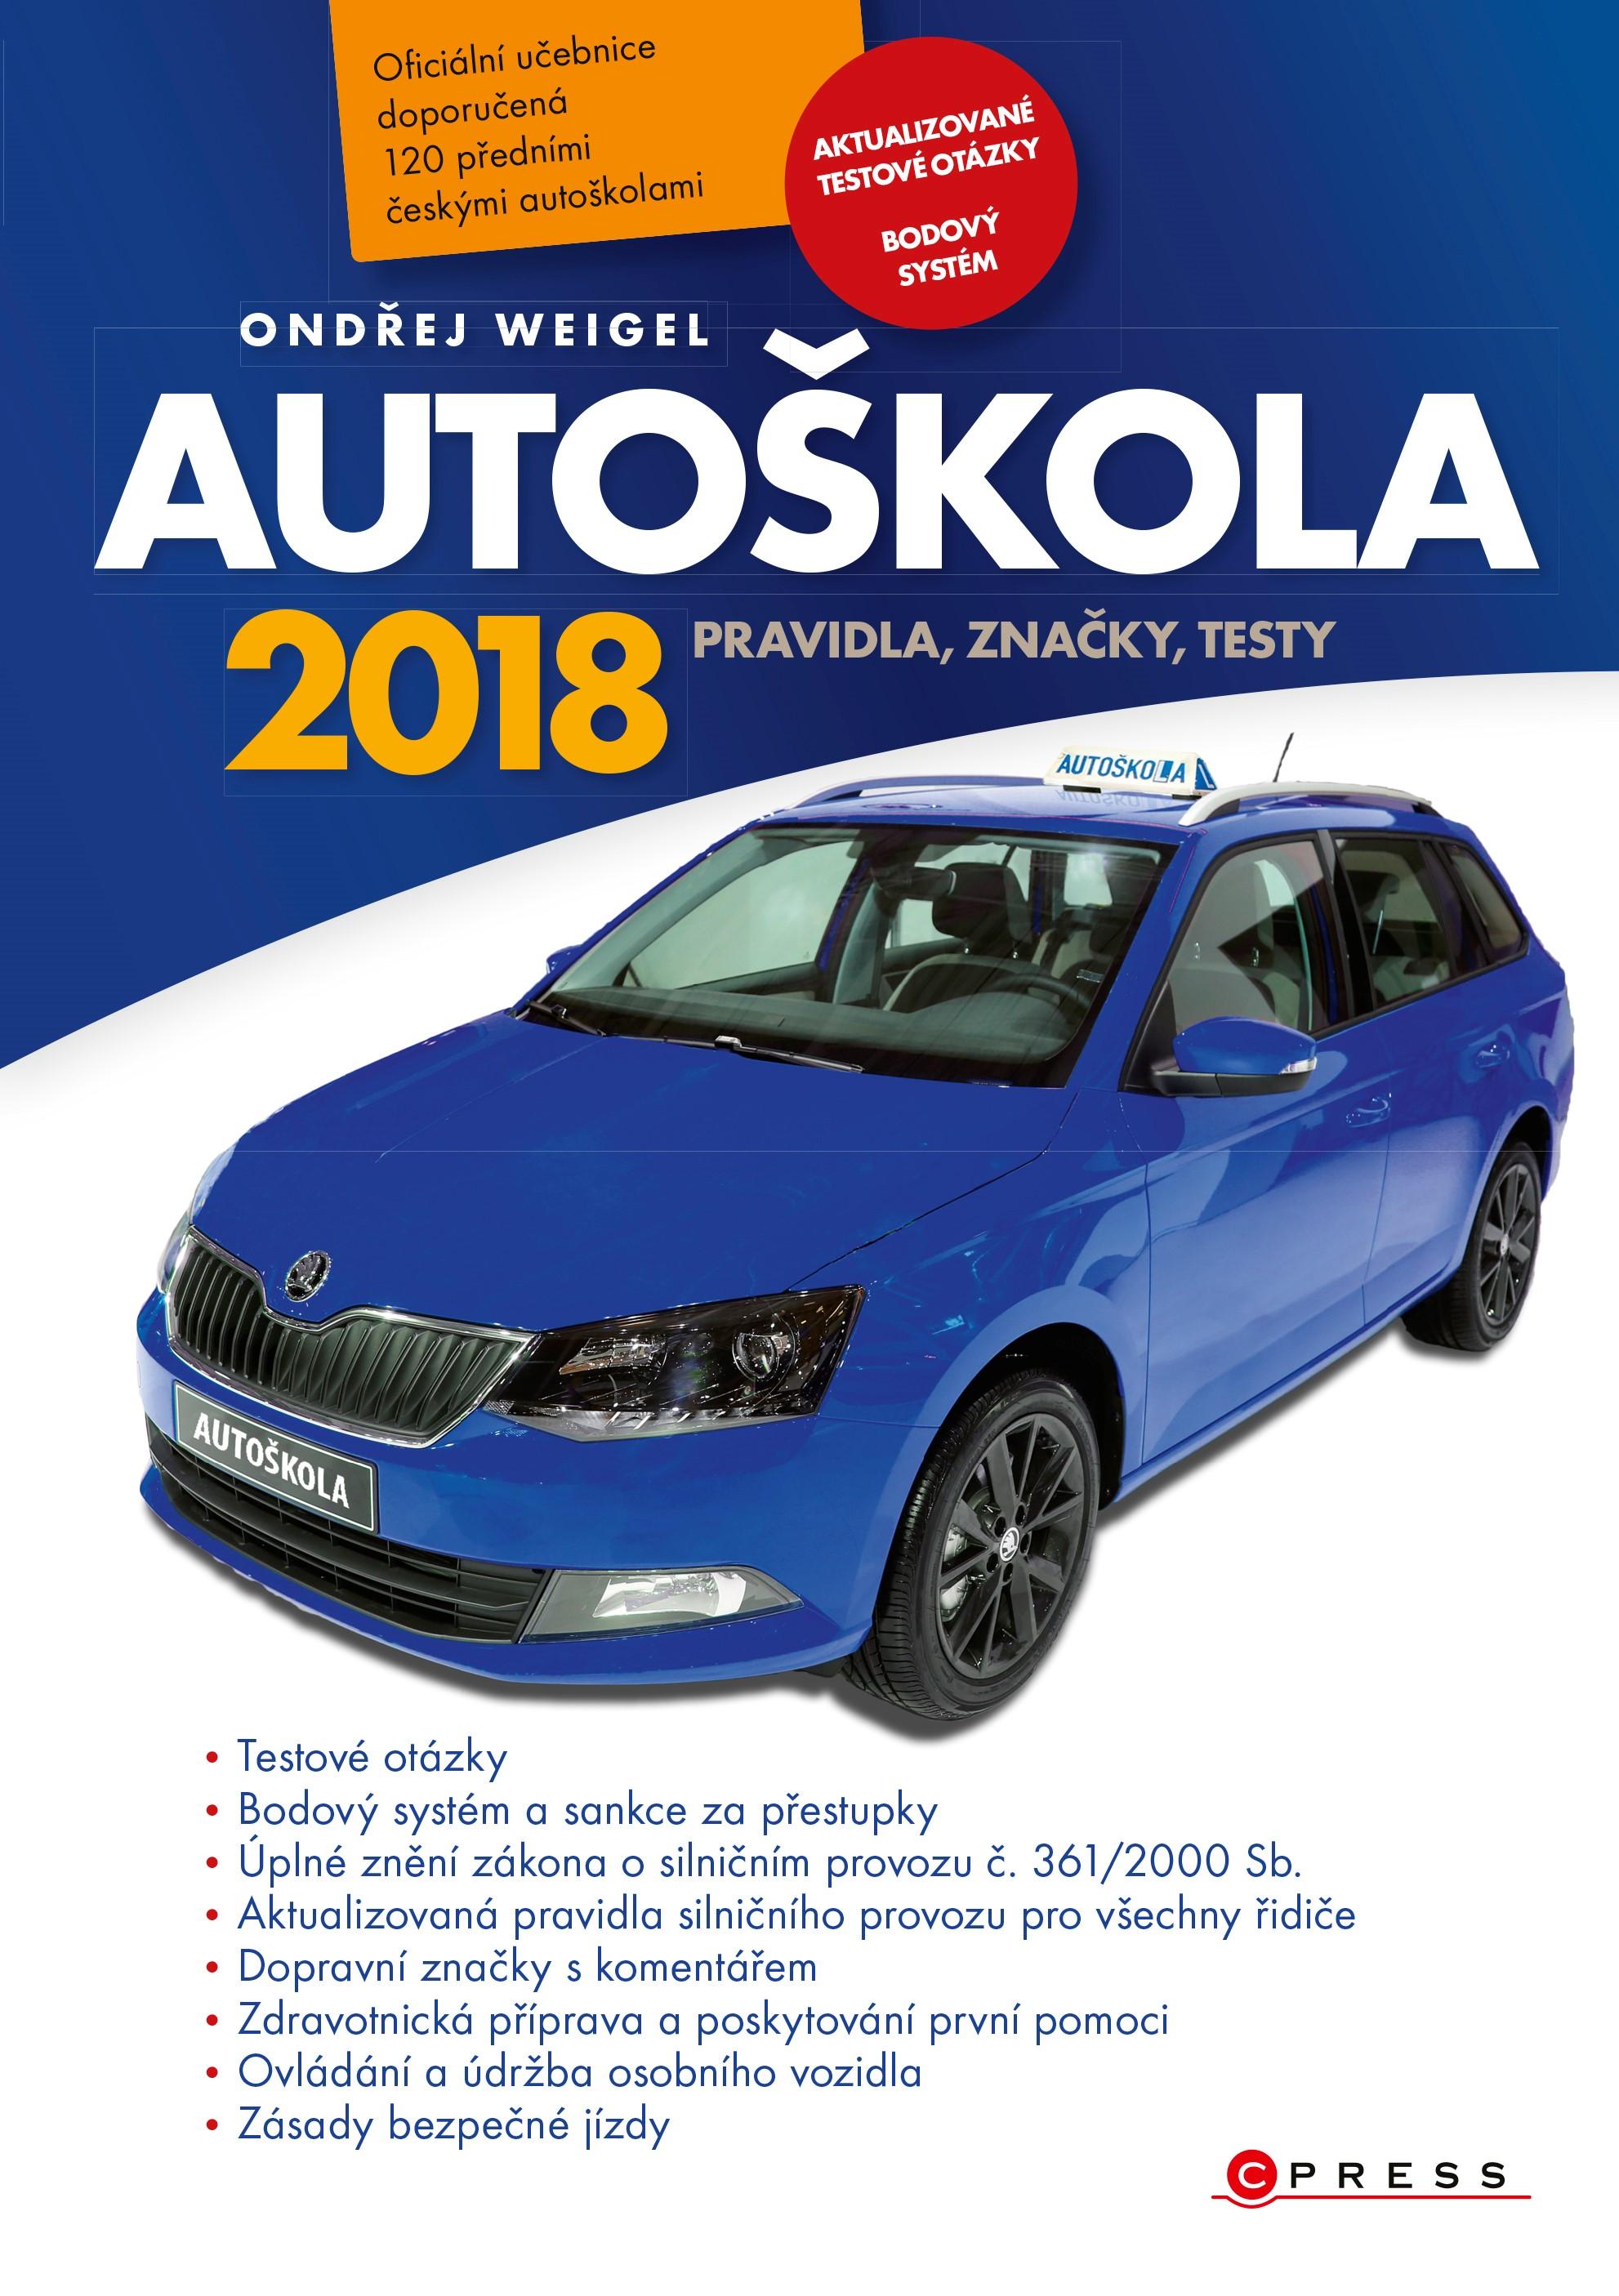 Autoškola 2018 | Ondřej Weigel